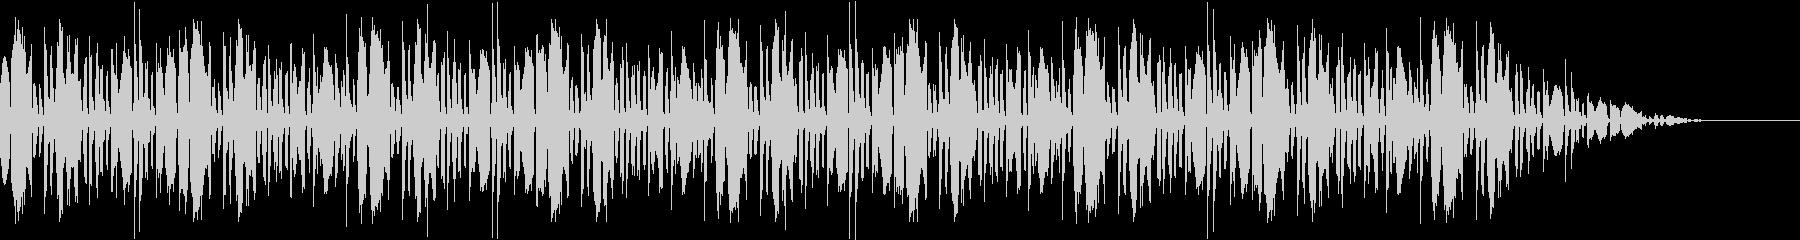 華々しい登場シーンのファンファーレの未再生の波形